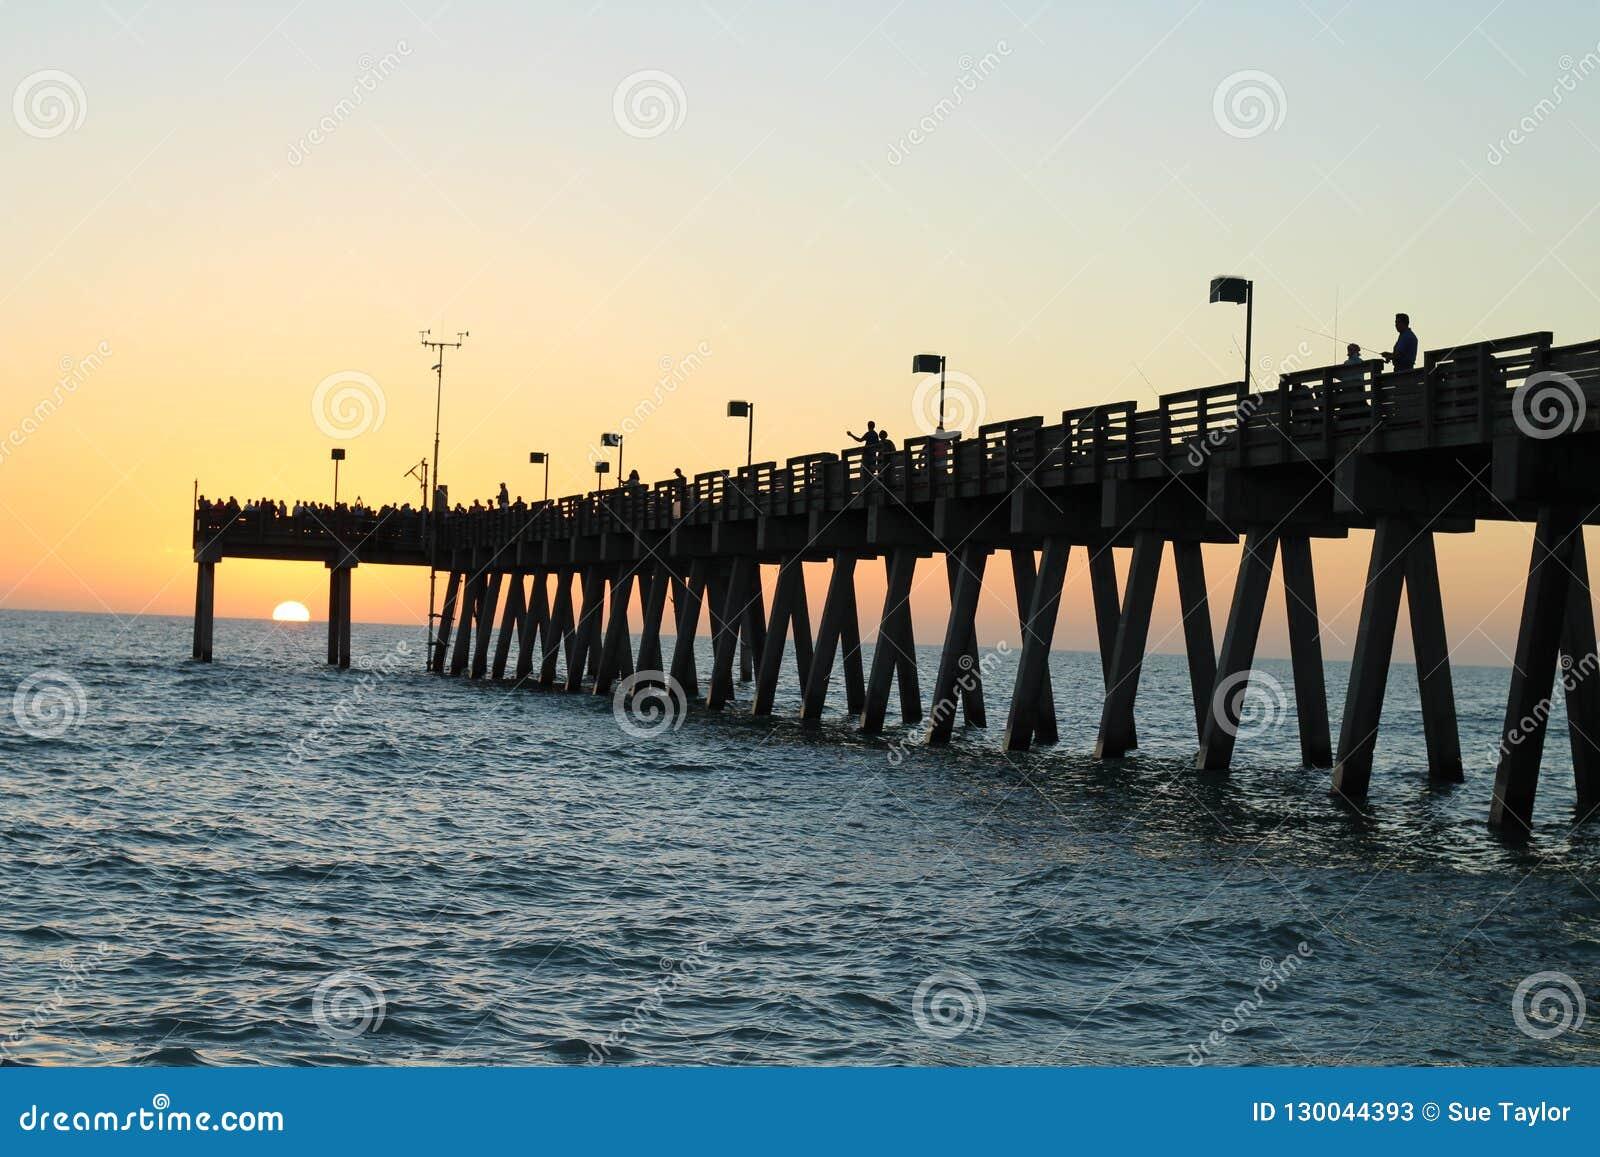 Pesca del embarcadero en el Golfo de México en la puesta del sol